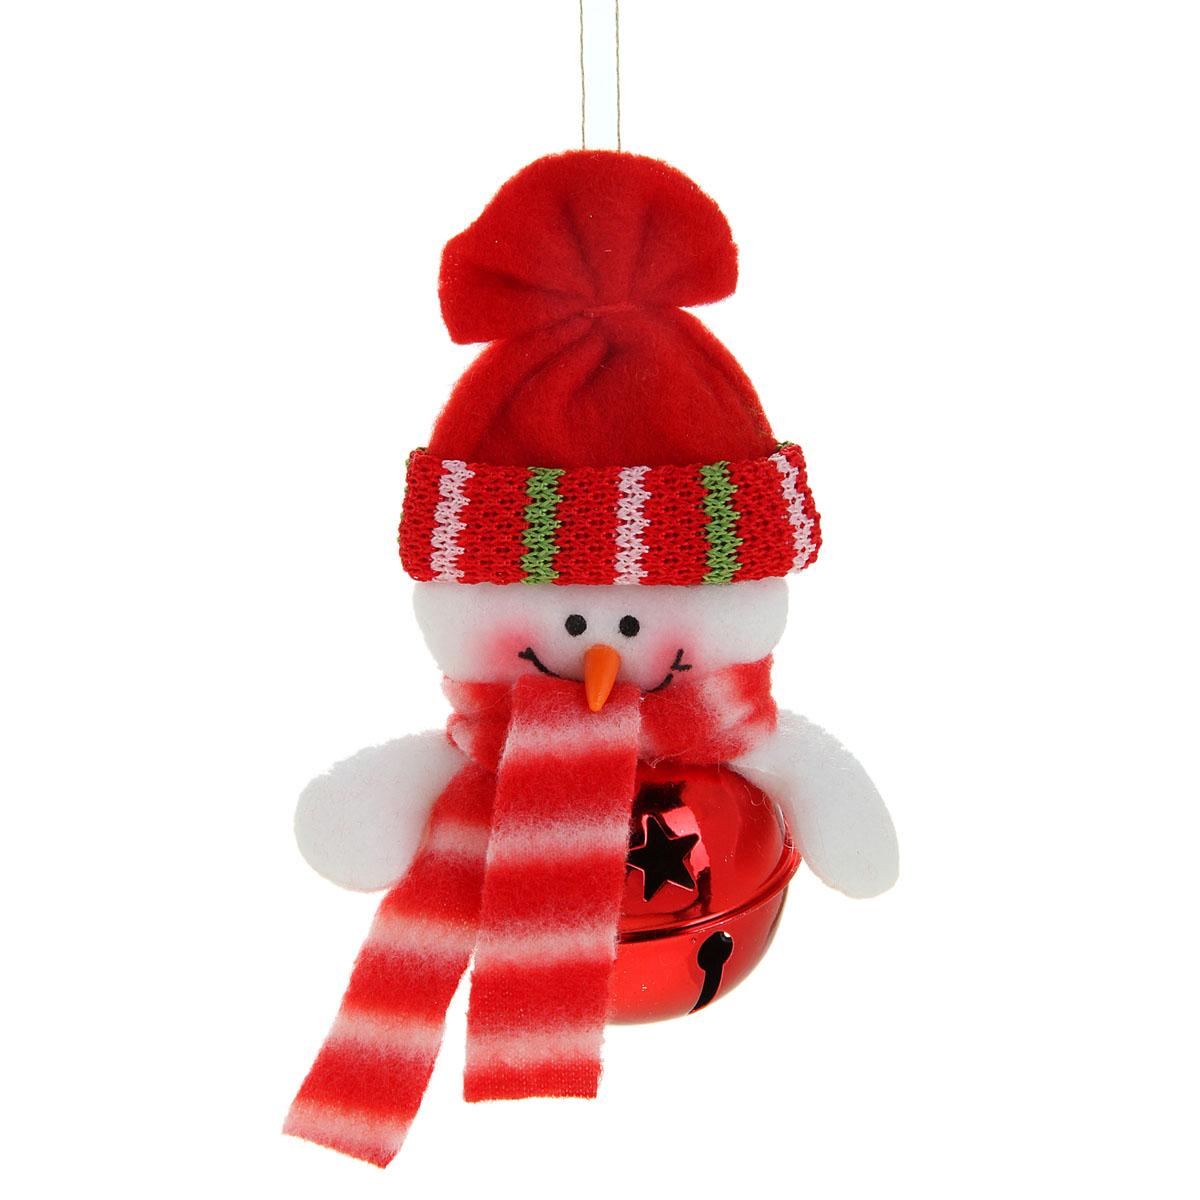 Новогоднее подвесное украшение Sima-land Снеговик, цвет: красный, 11 см х 7 см. 514038514038Новогоднее украшение Sima-land Снеговик прекрасно подойдет для праздничного декора вашего дома. Сувенир выполнен в виде металлического шара с текстильной фигуркой снеговика. Если встряхнуть украшение, вы услышите красивое мелодичное звучание. Изделие оснащено текстильной петелькой для подвешивания. Такая оригинальная фигурка оформит интерьер вашего дома или офиса в преддверии Нового года. Оригинальный дизайн и красочное исполнение создадут праздничное настроение. Кроме того, это отличный вариант подарка для ваших близких и друзей. Материал: металл, пластик, текстиль.